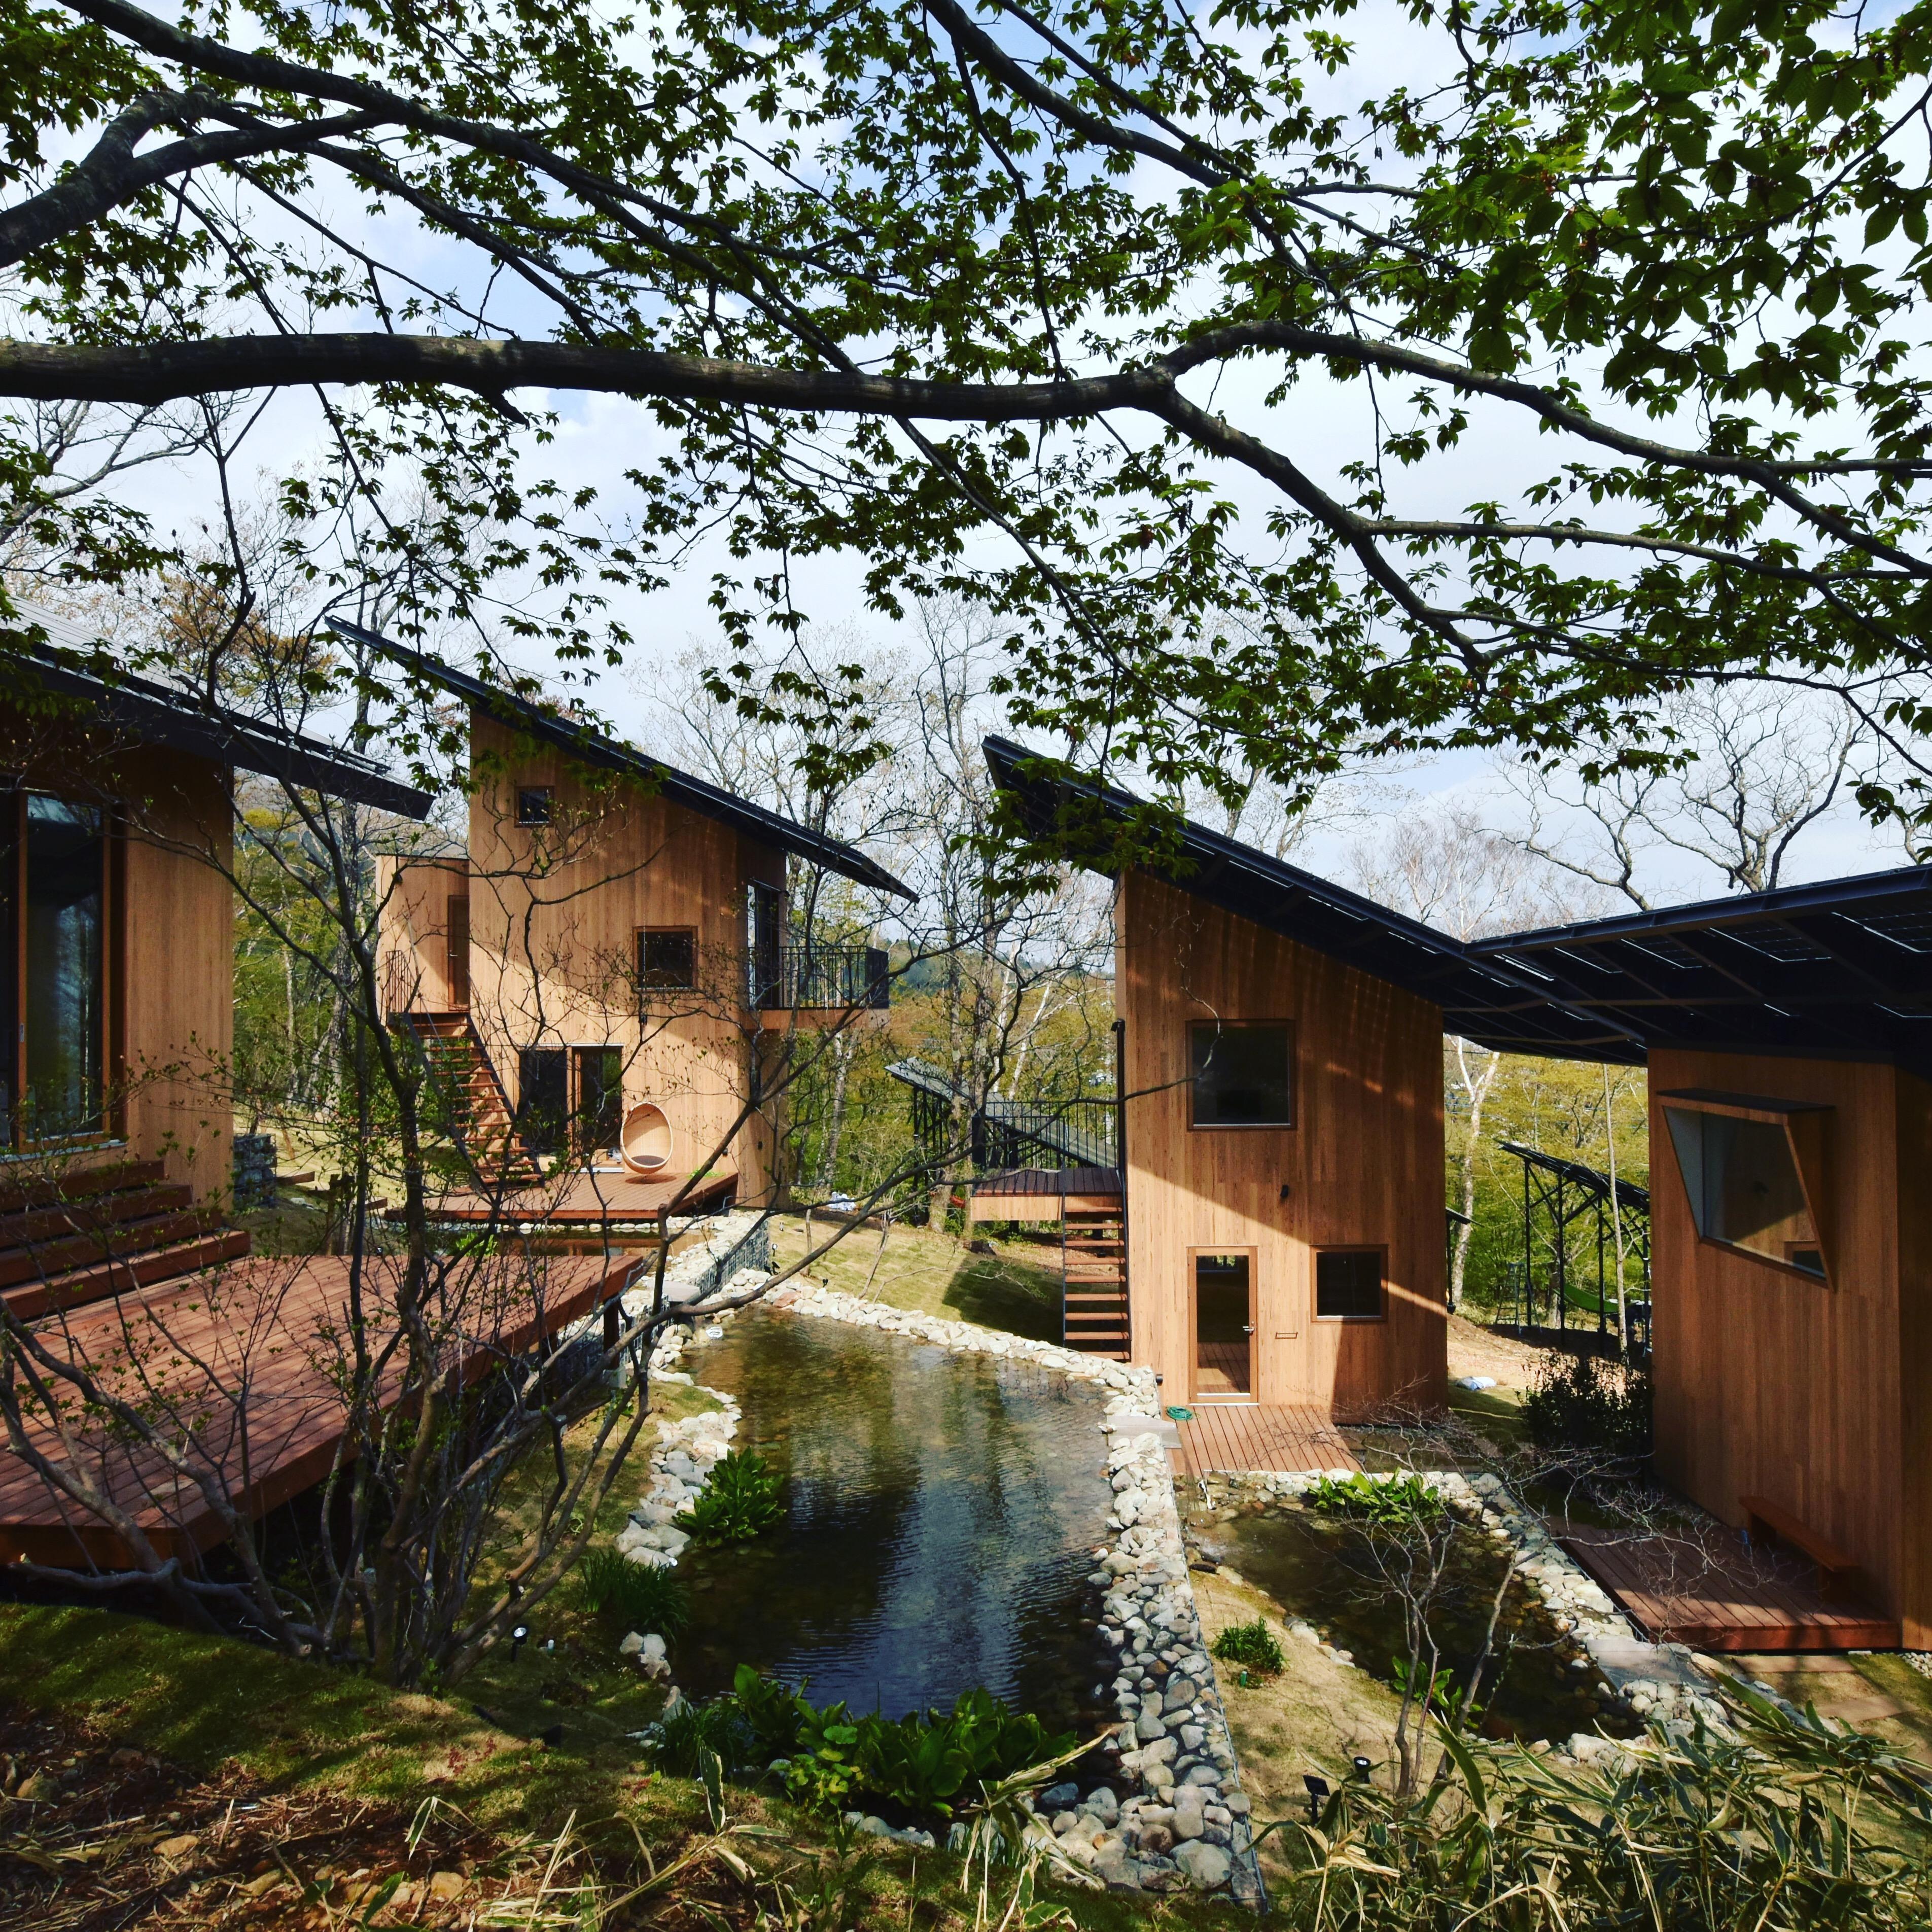 Villa in Nasu